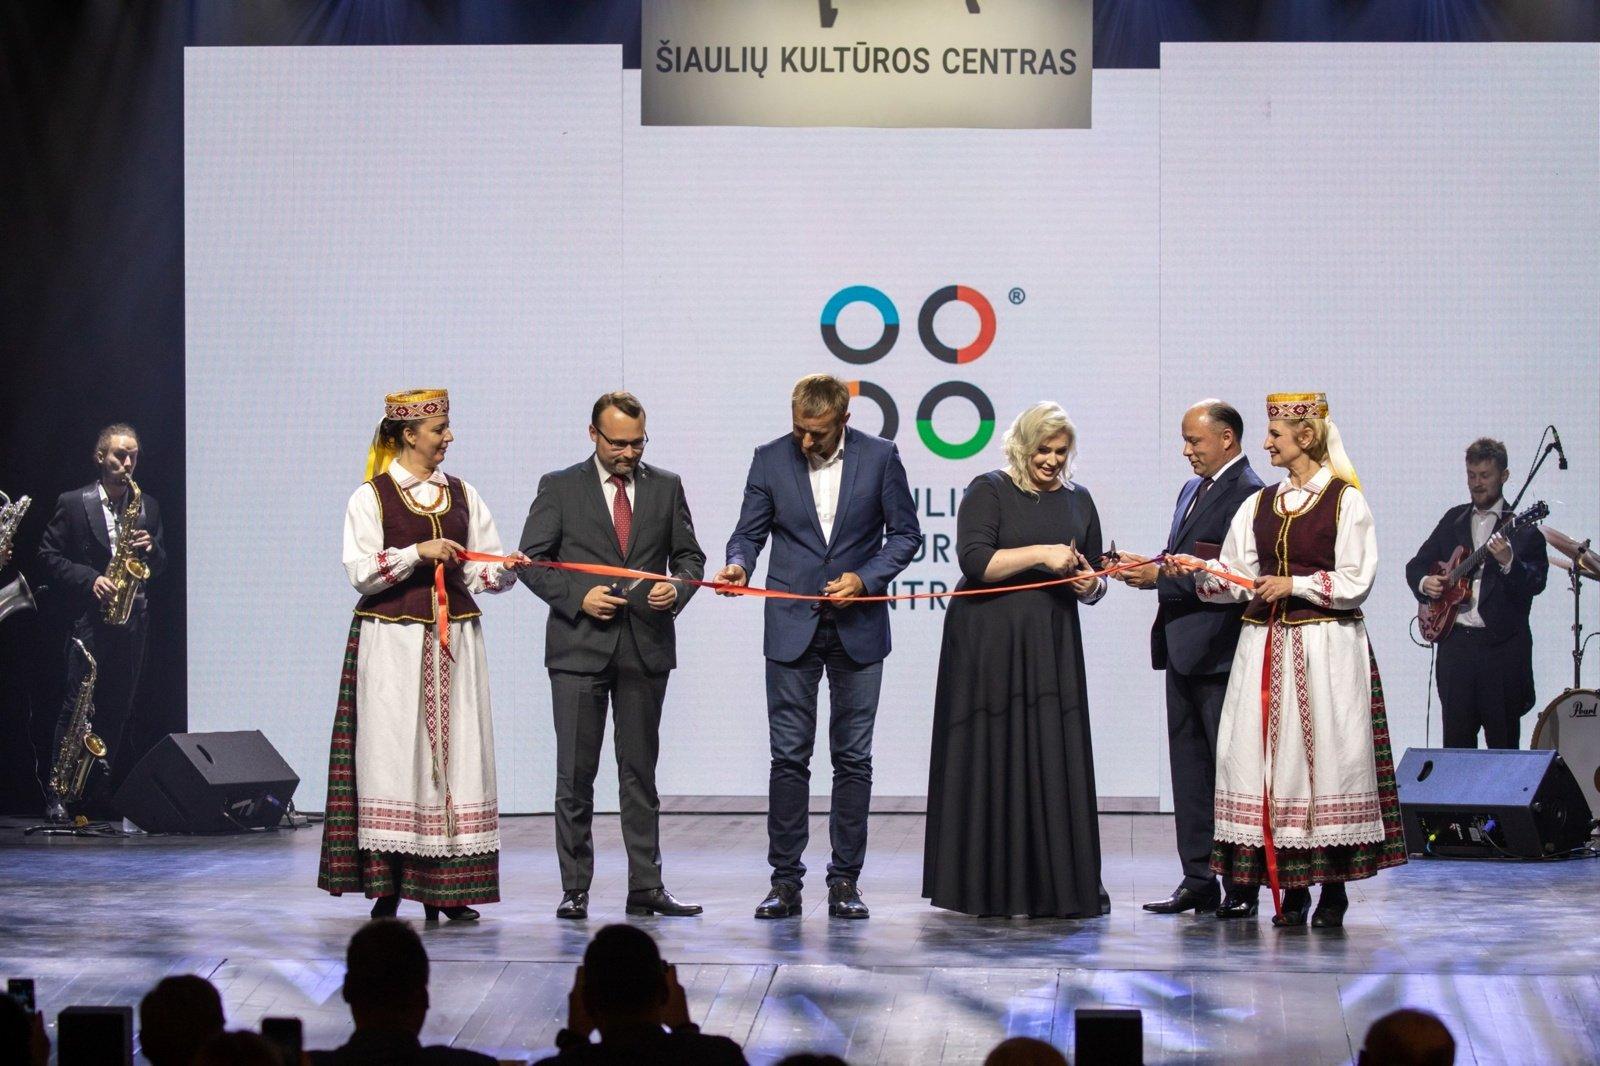 Oficialiai atidarytas Šiaulių kultūros centras